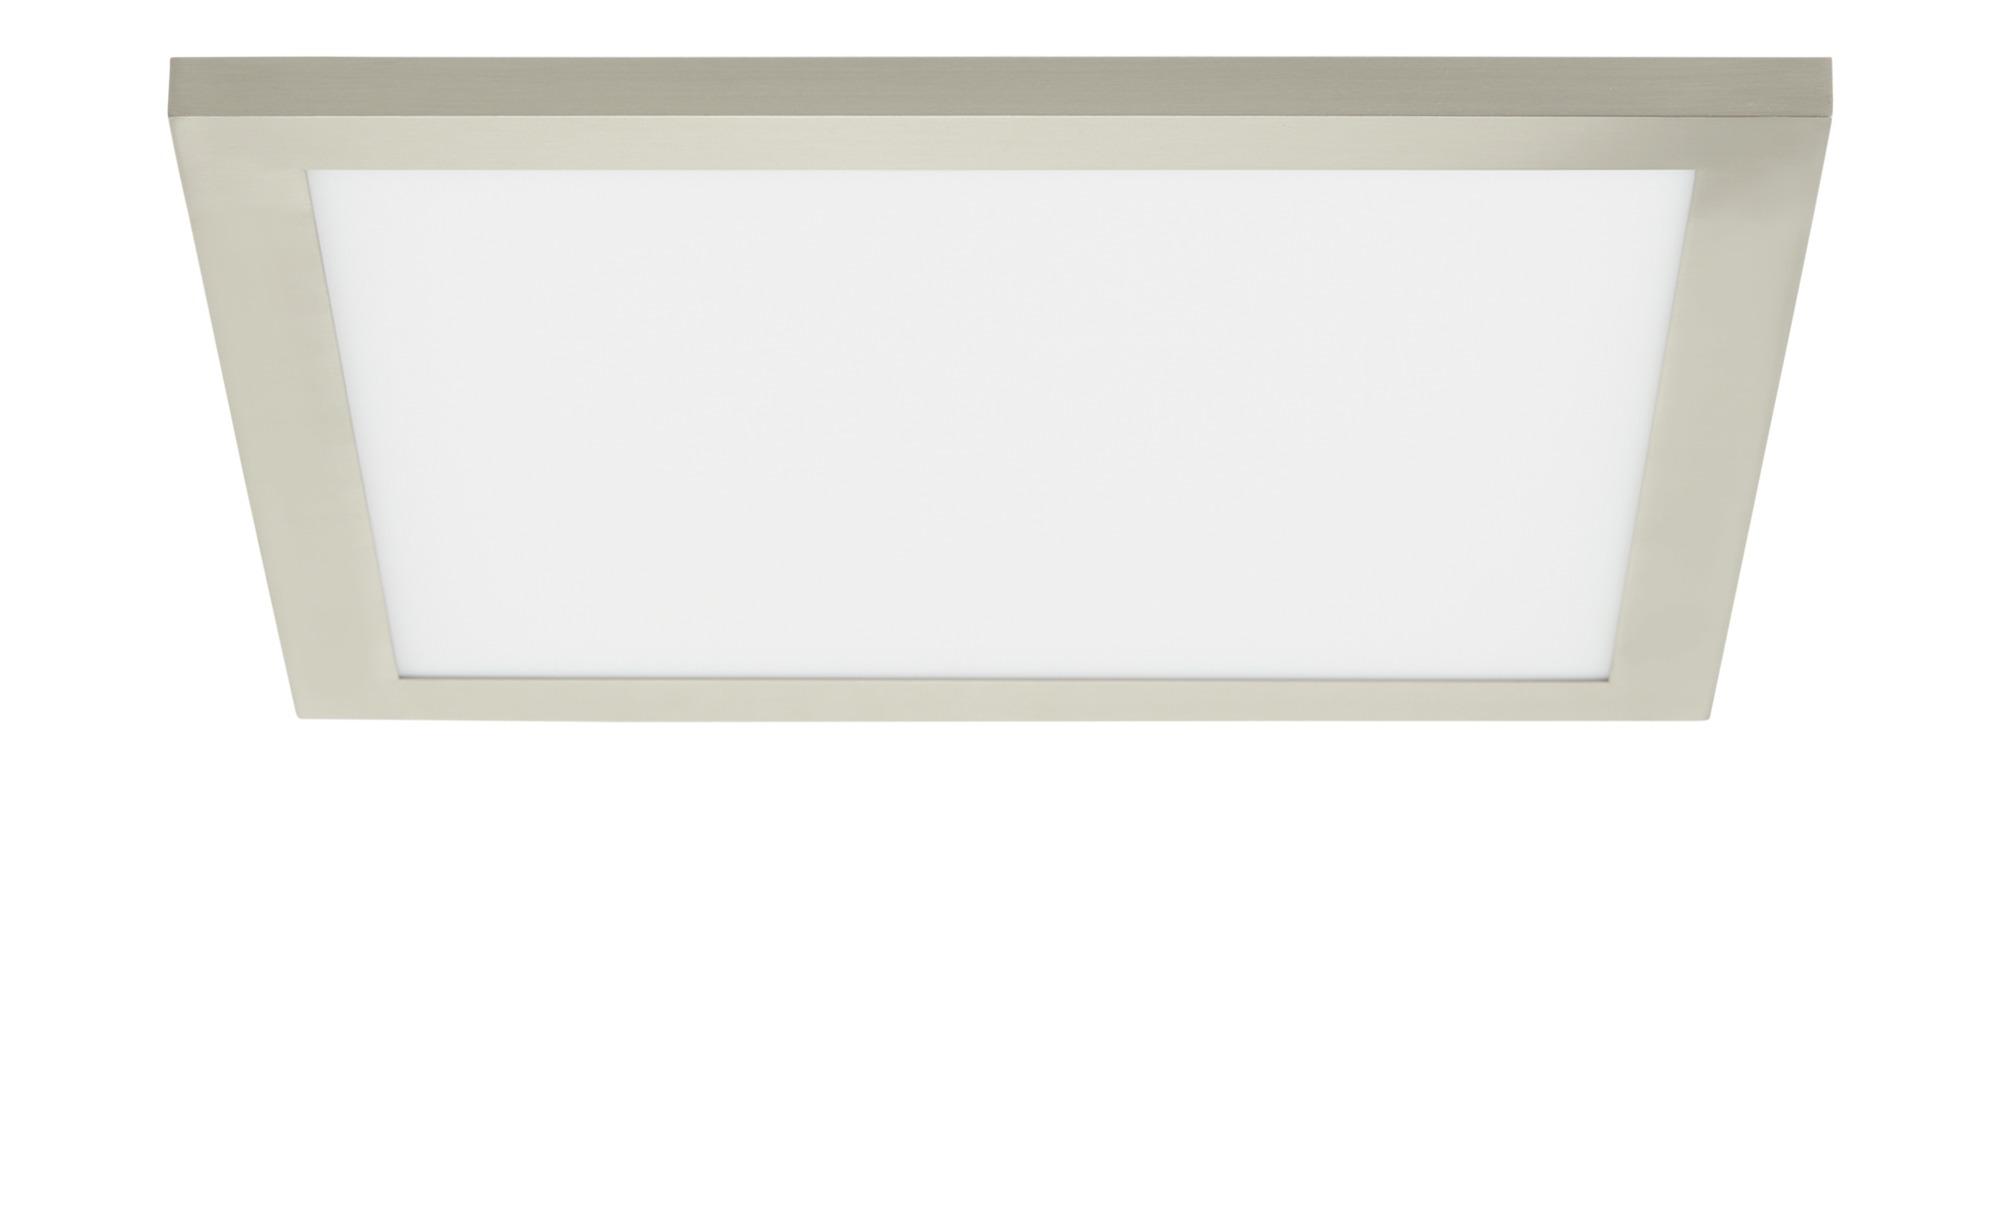 KHG LED-Deckenleuchte, 1-flammig, weiß CCT & RGB ¦ weiß ¦ Maße (cm): B: 45 H: 6 Lampen & Leuchten > Innenleuchten > Deckenleuchten - Höffner